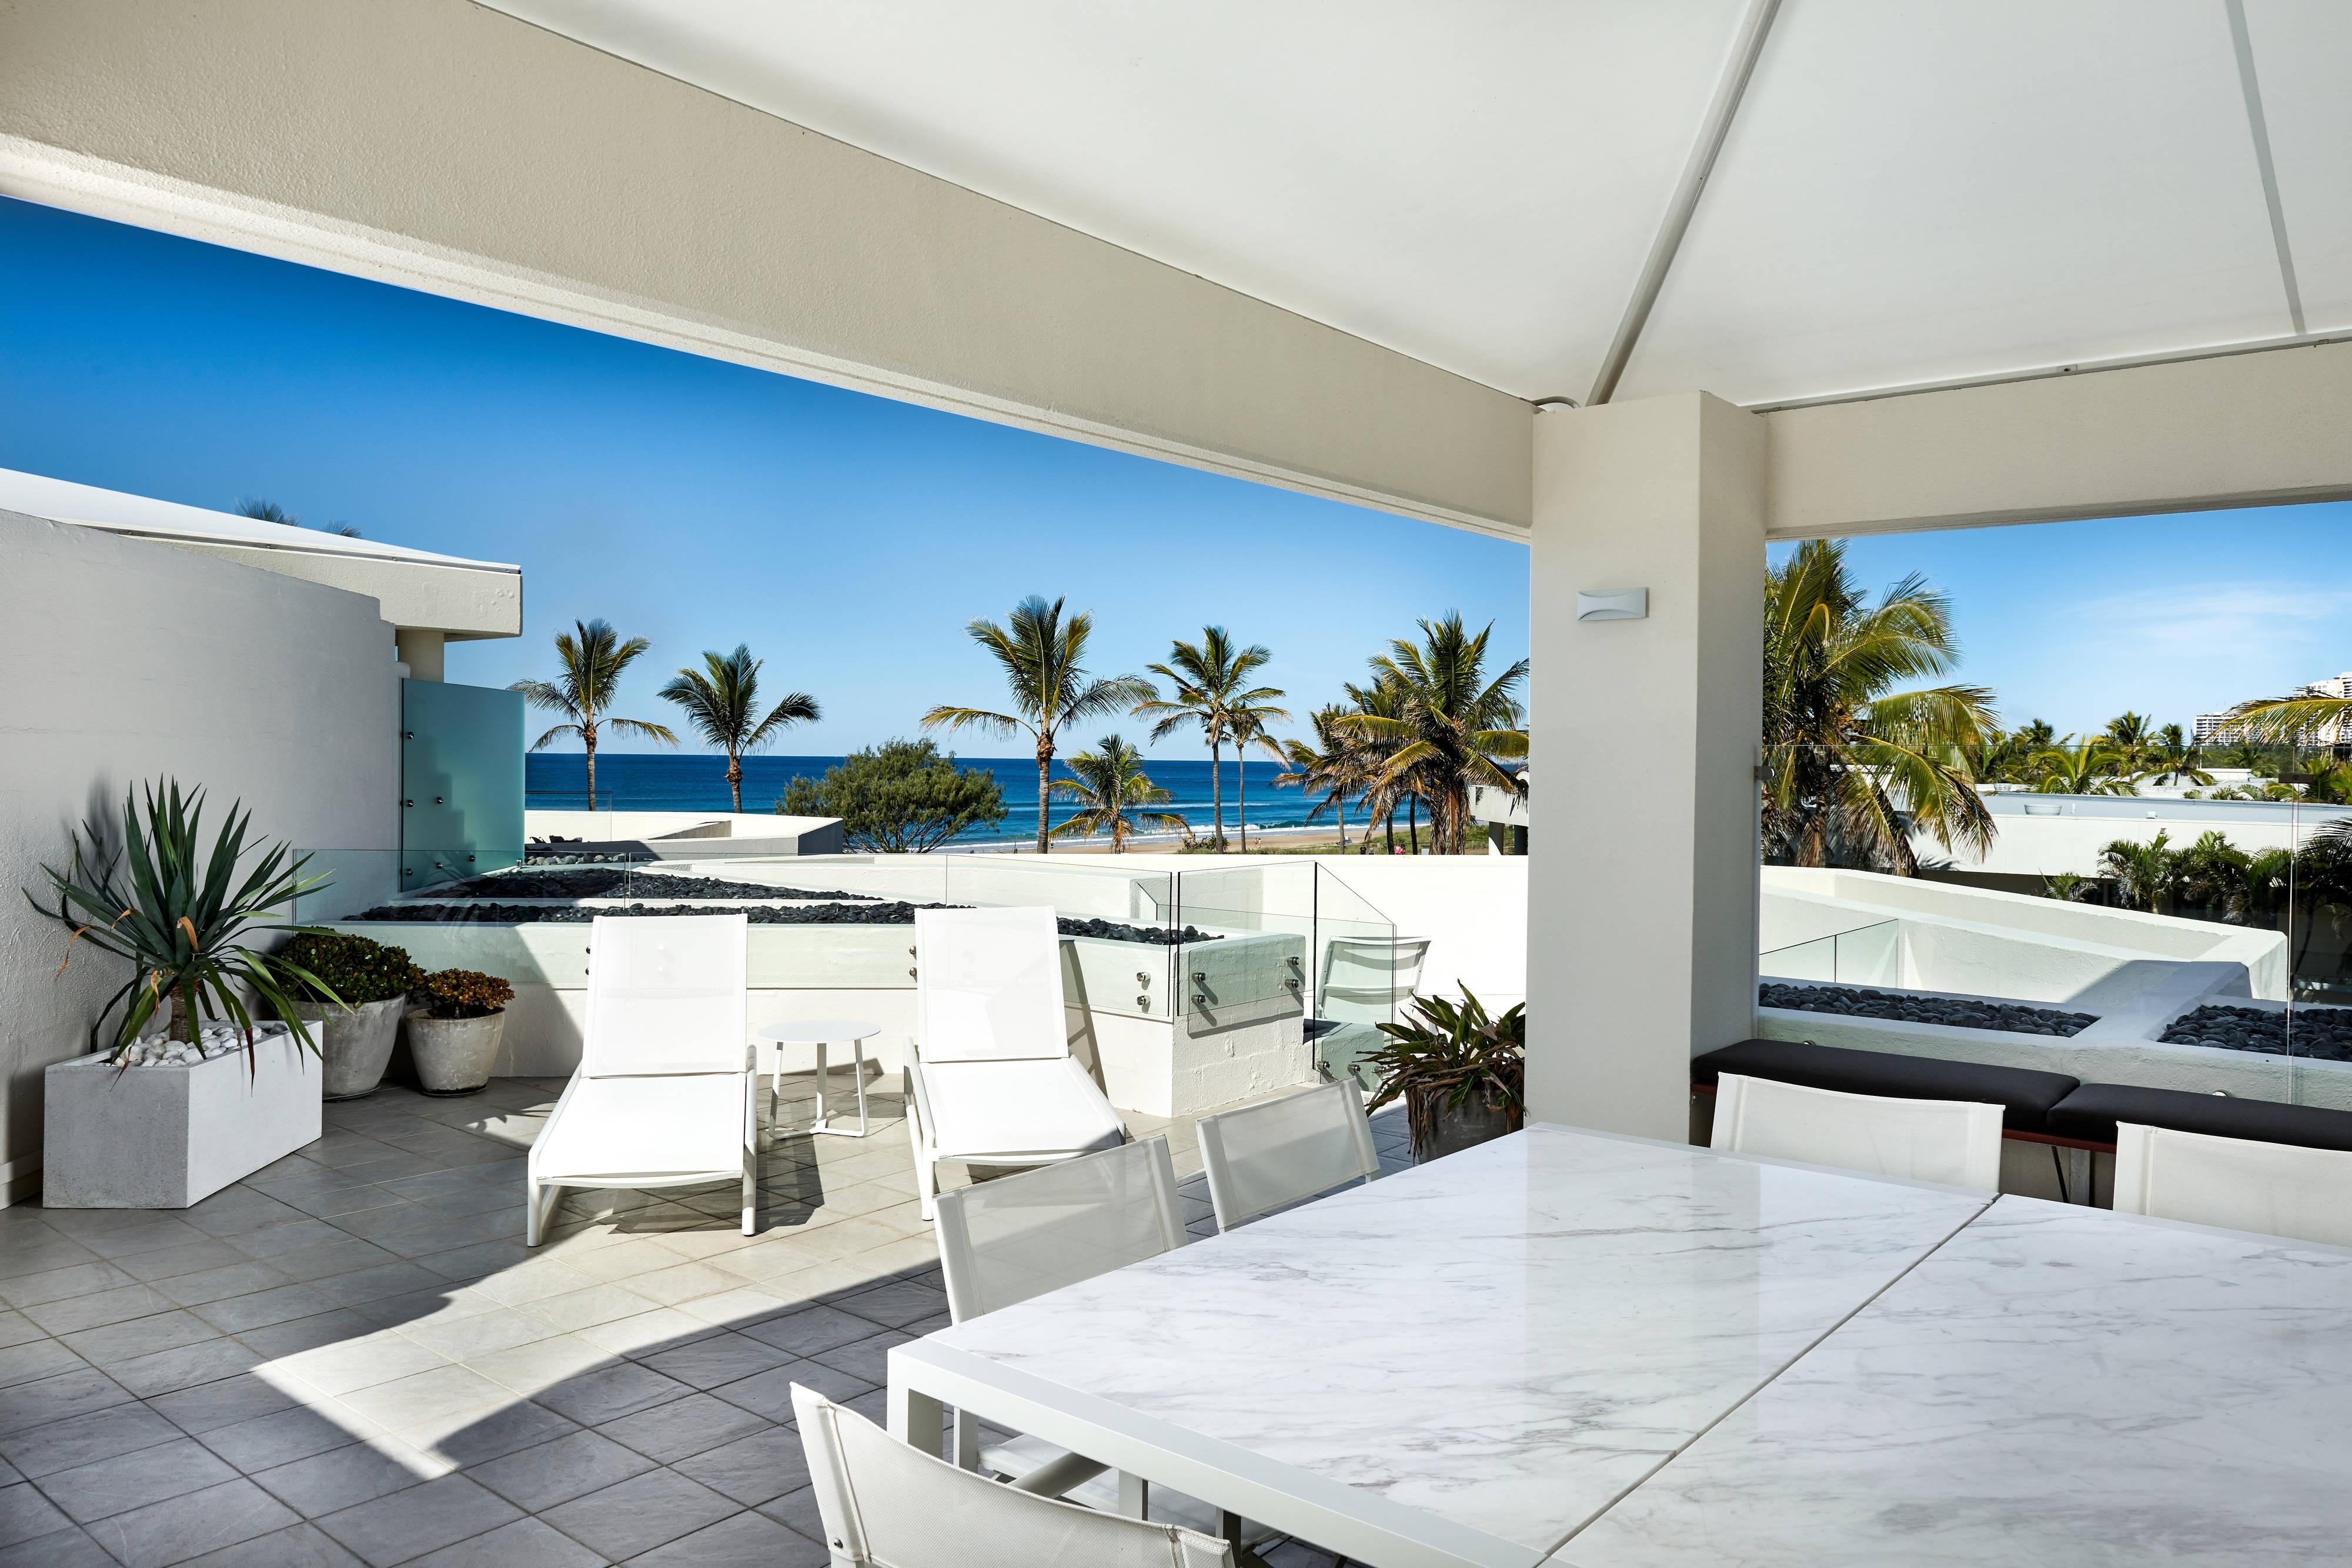 2 Bedroom Rooftop Villa - Rooftop Area